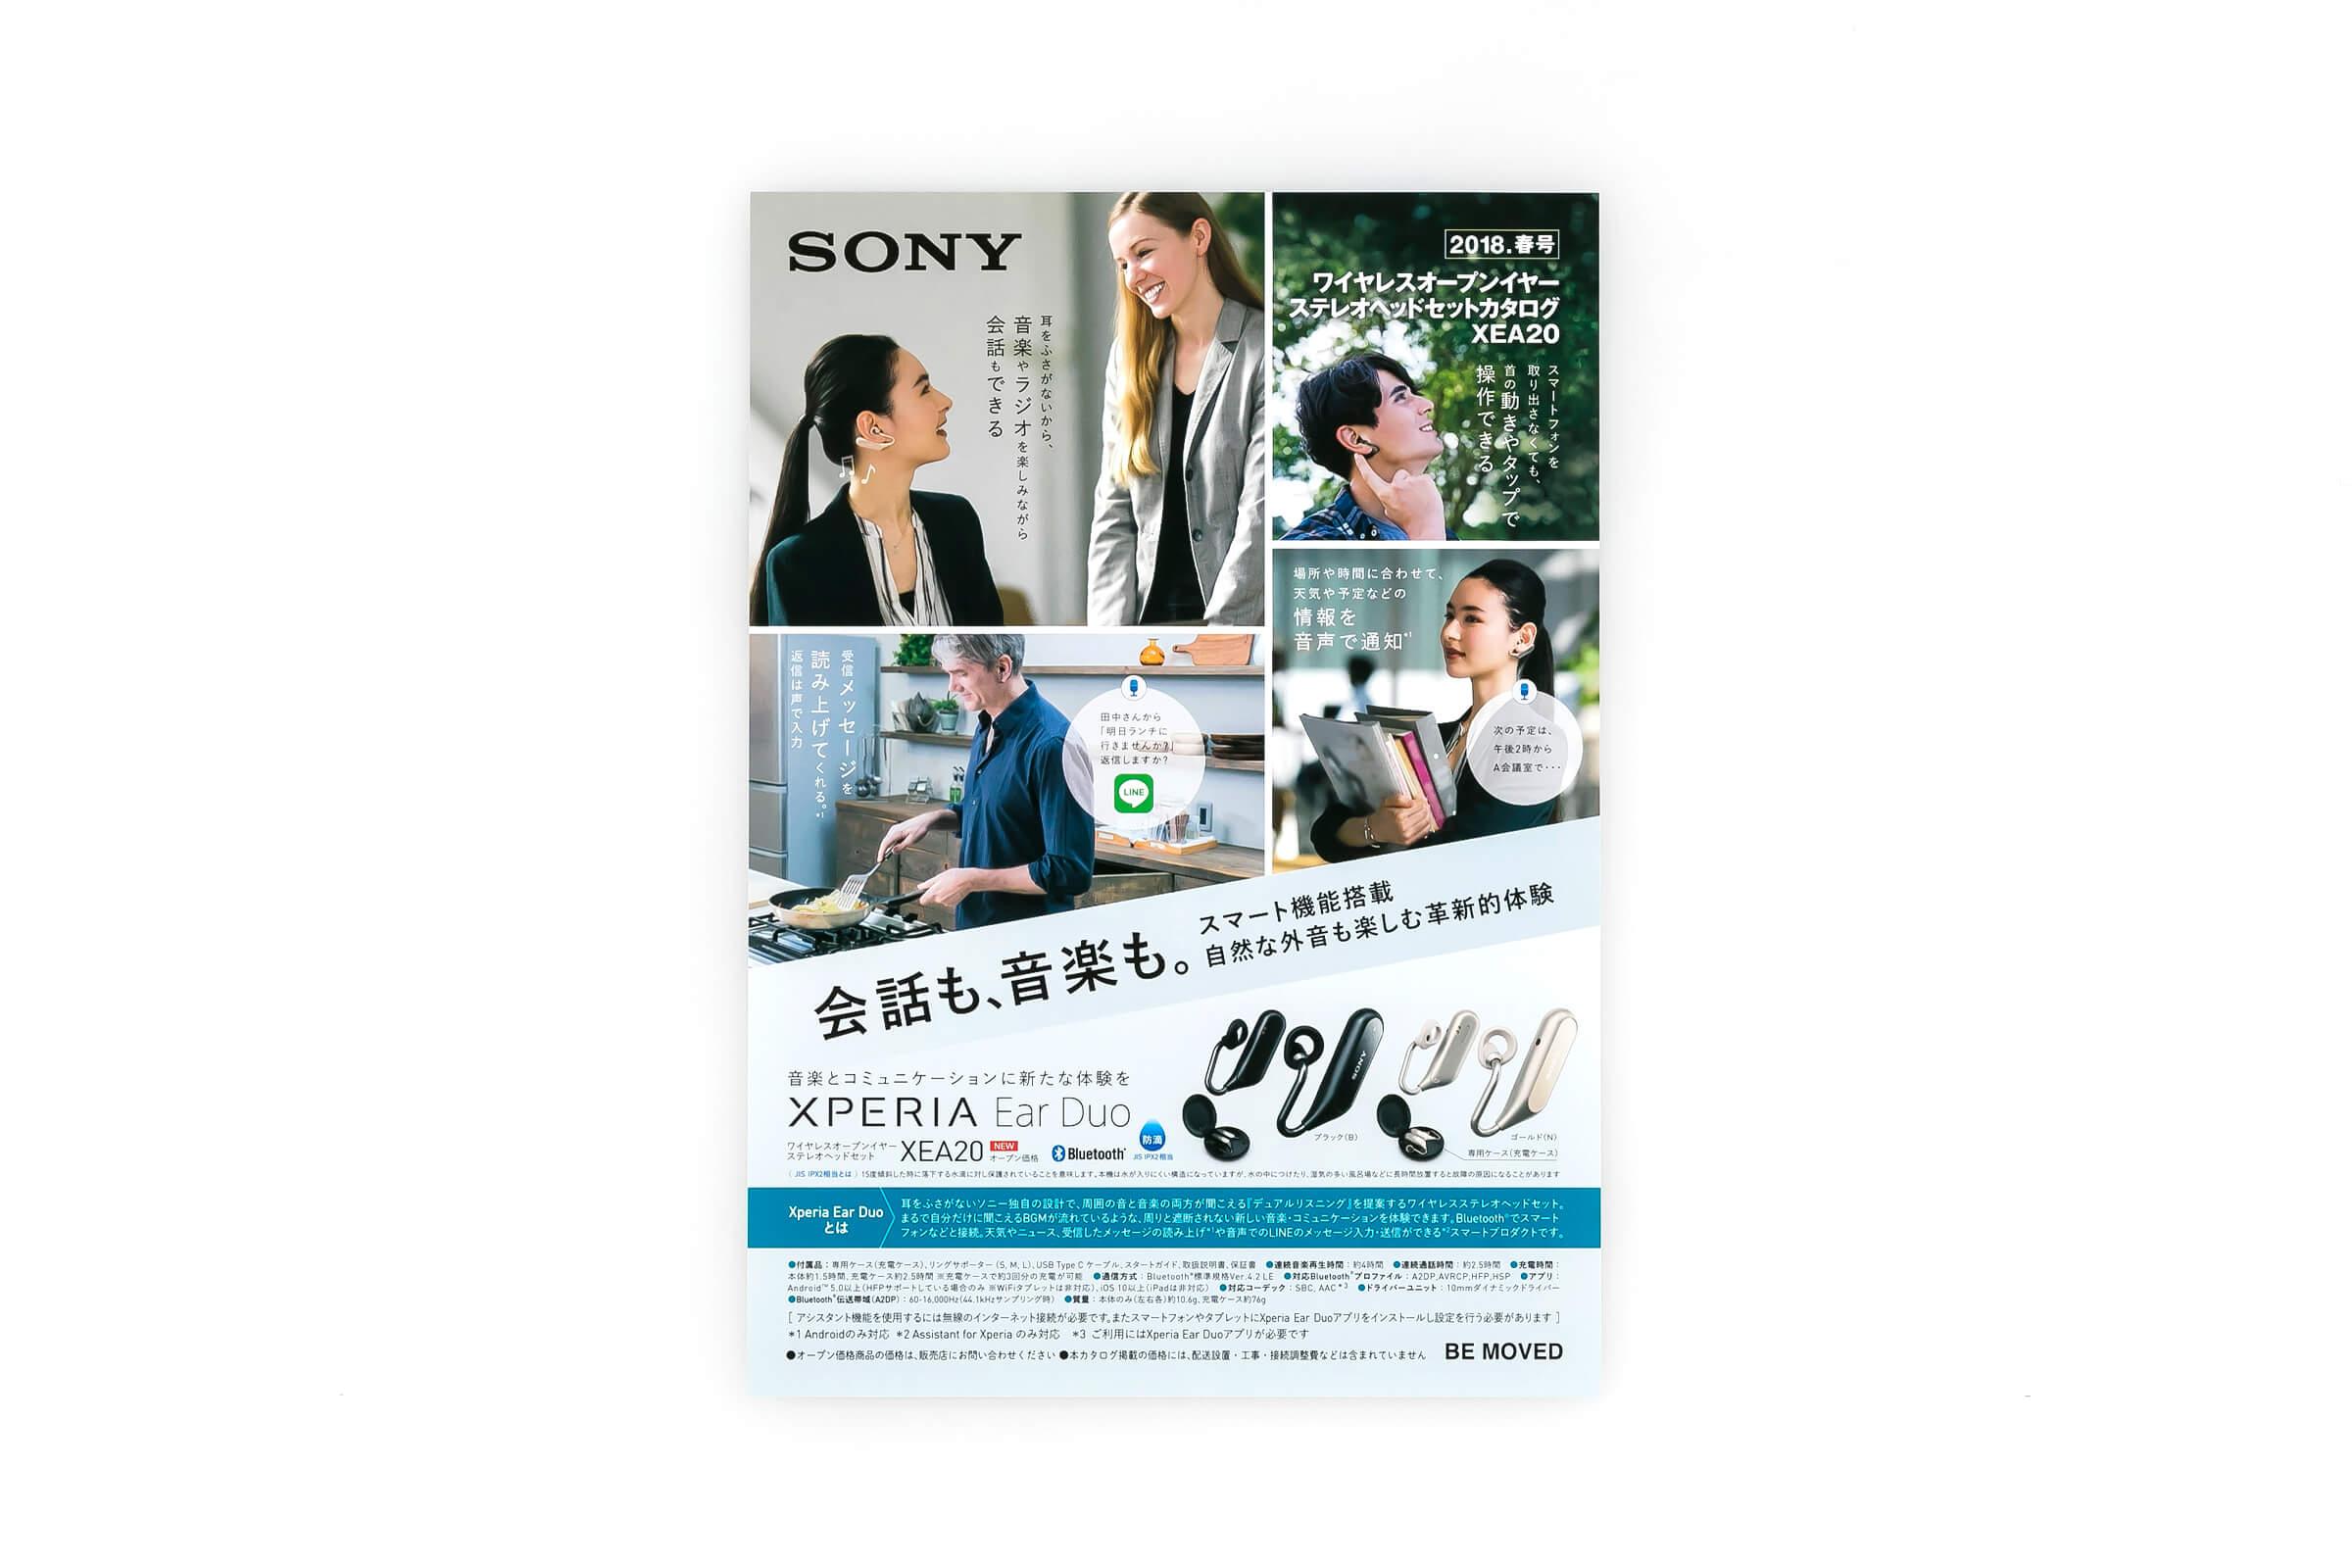 Xperia Ear Duo XEA20 商品カタログ 表紙